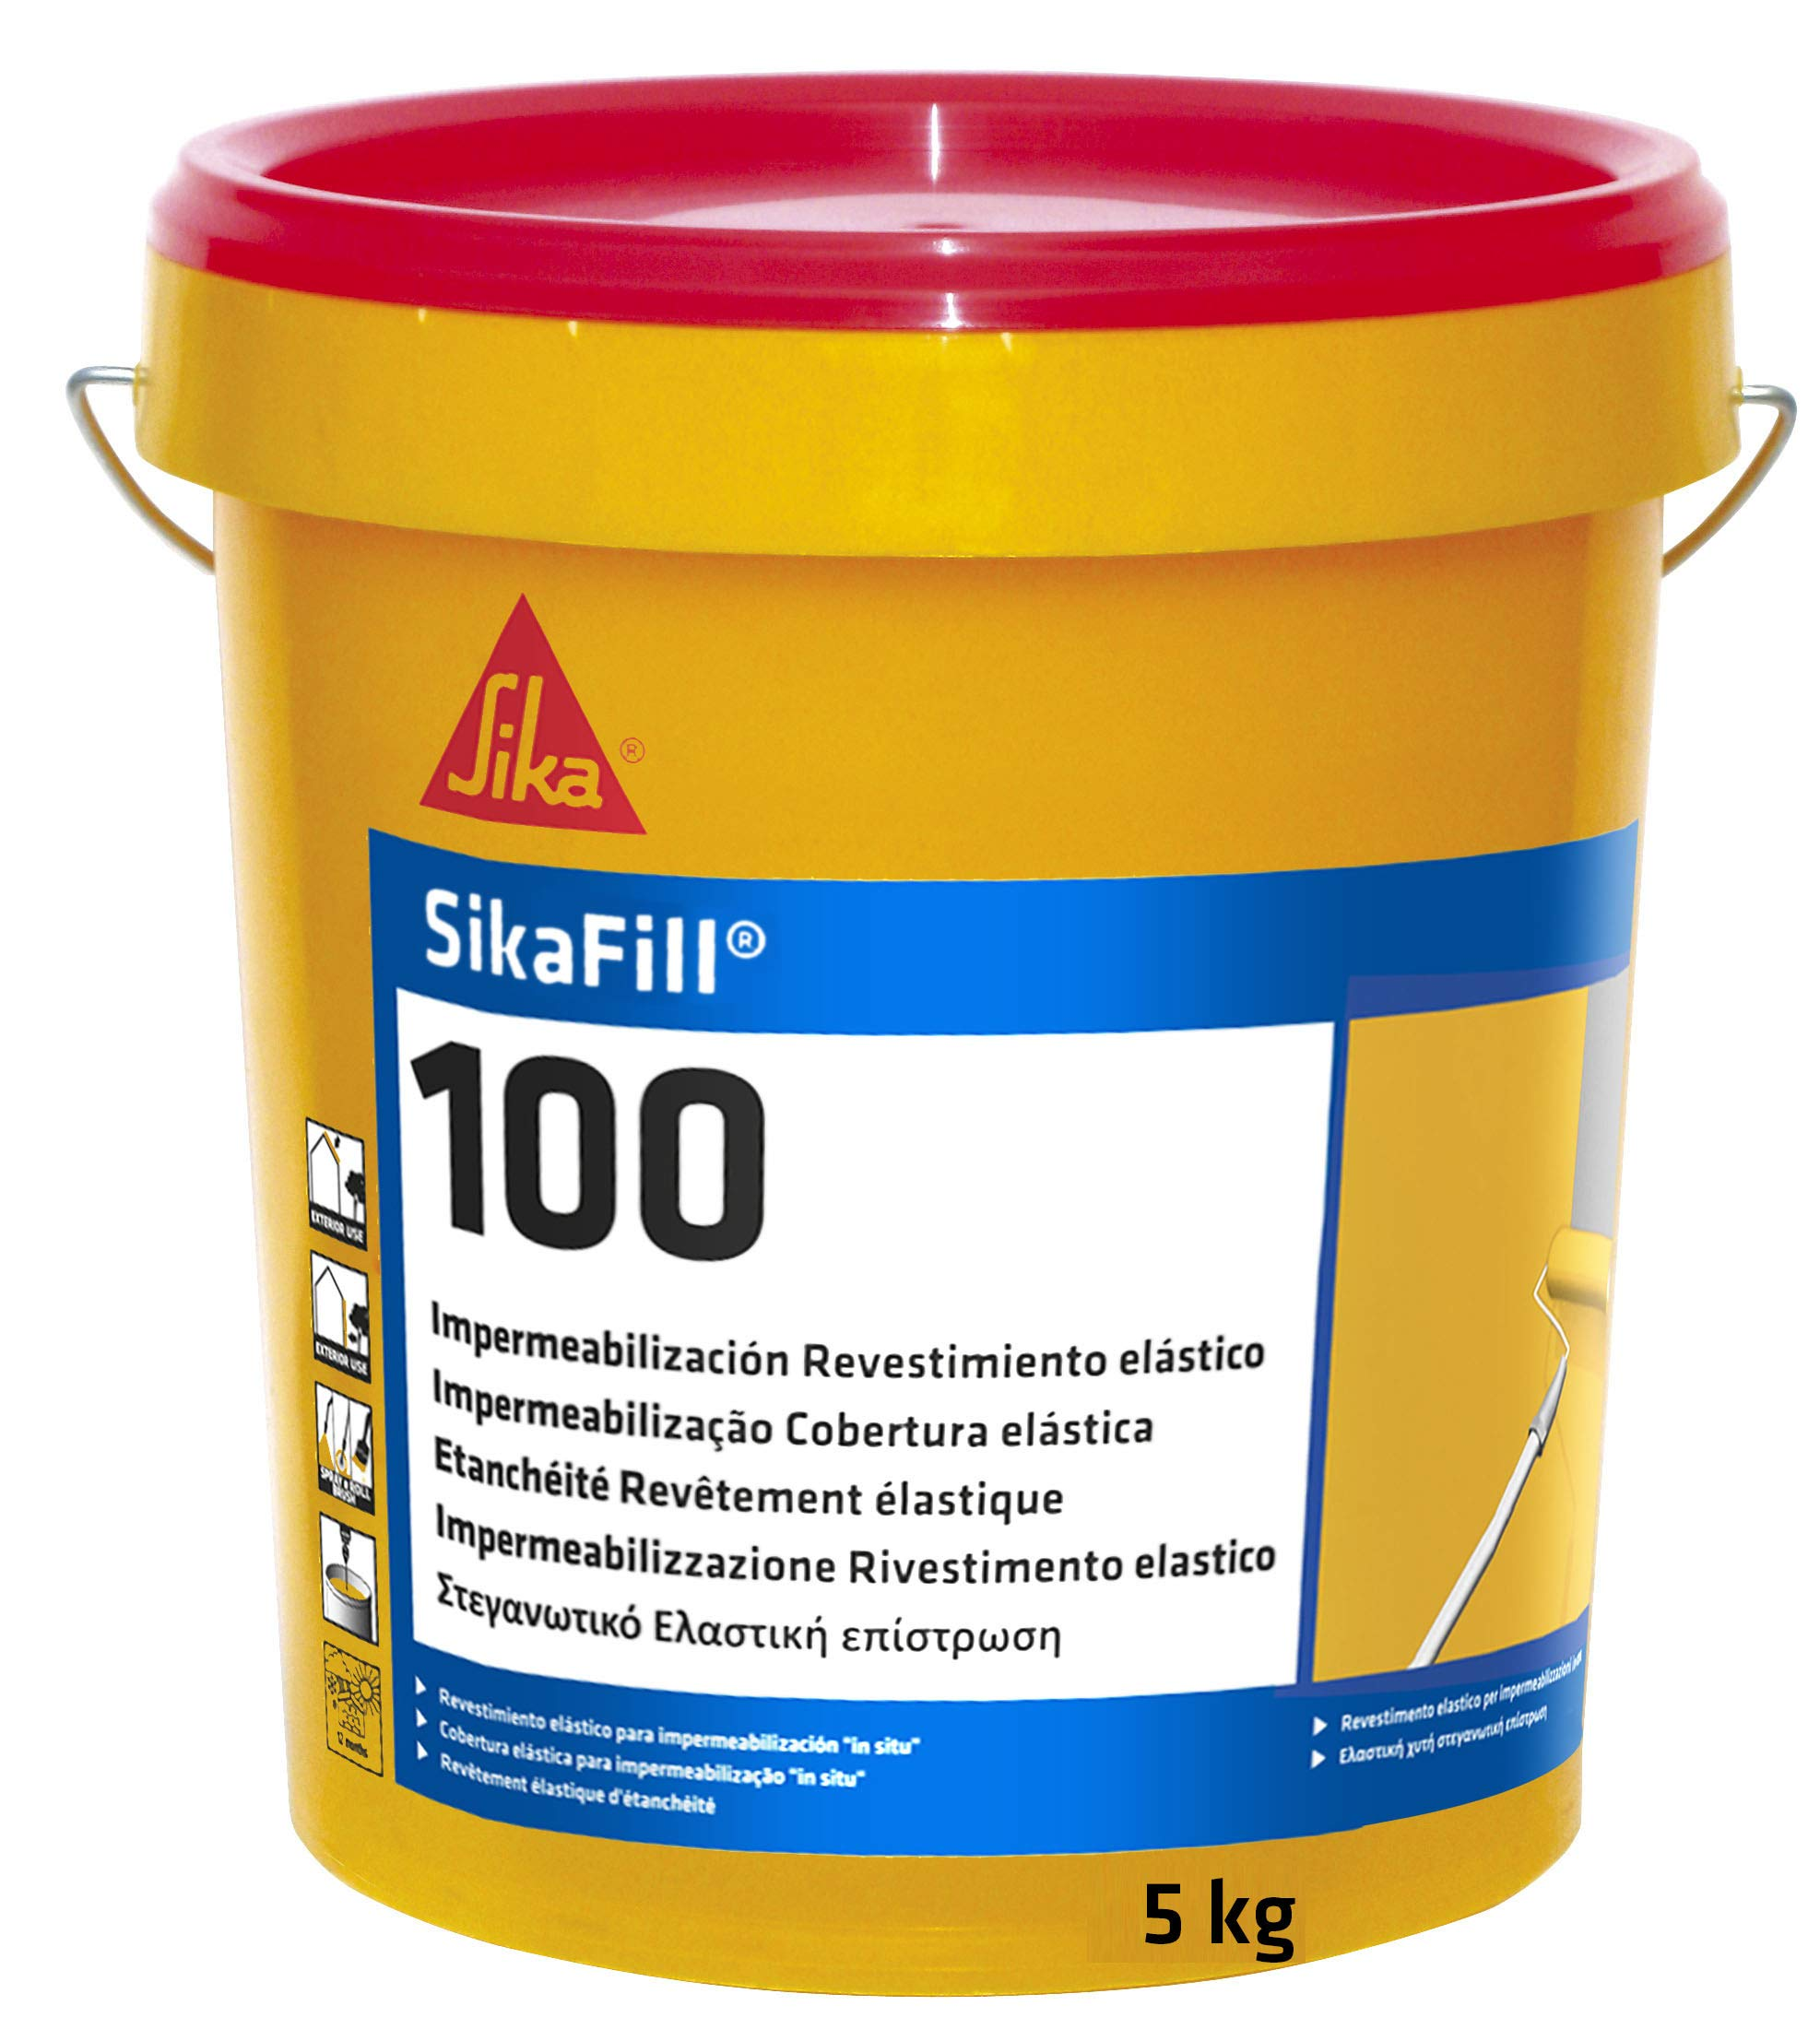 SikaFill 100, Revestimiento elástico para impermeabilización de cubierta, Rojo, 5kg product image